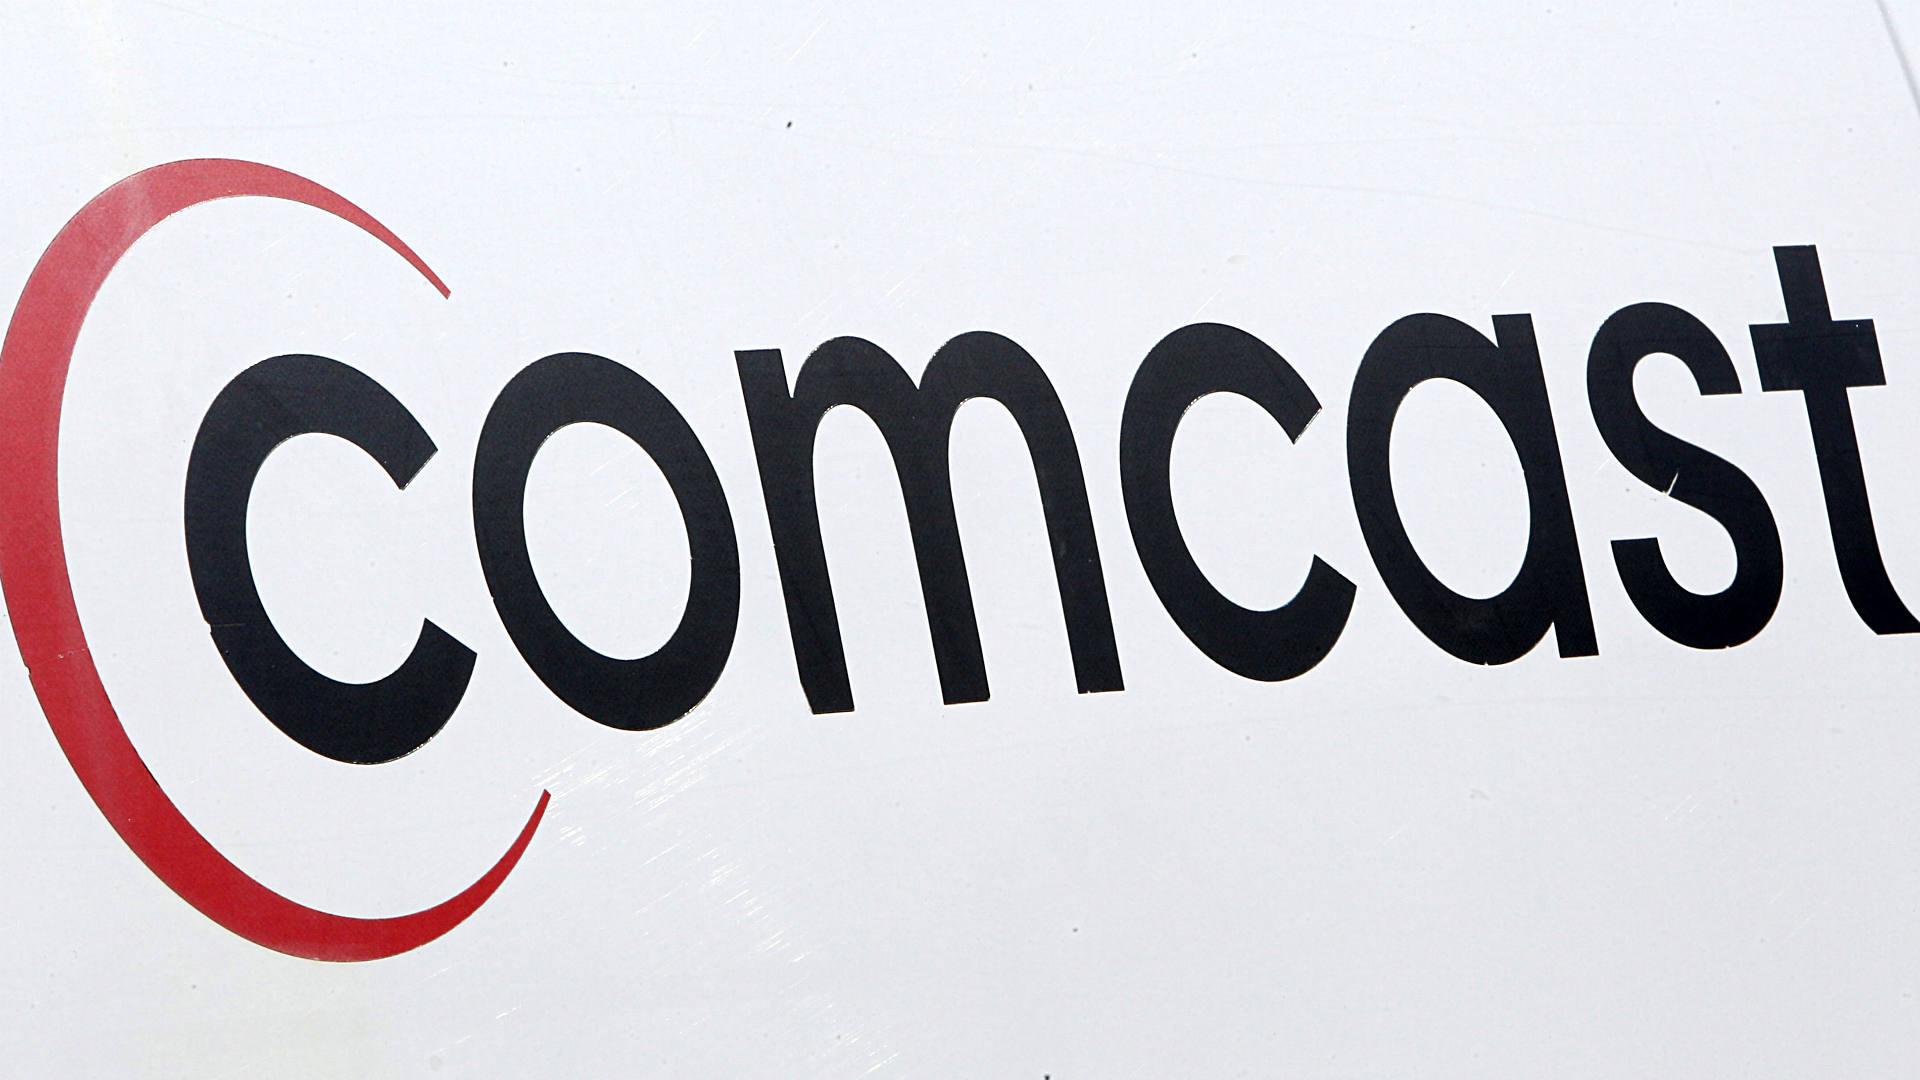 Comcast-SEC-FTR-071814-AP